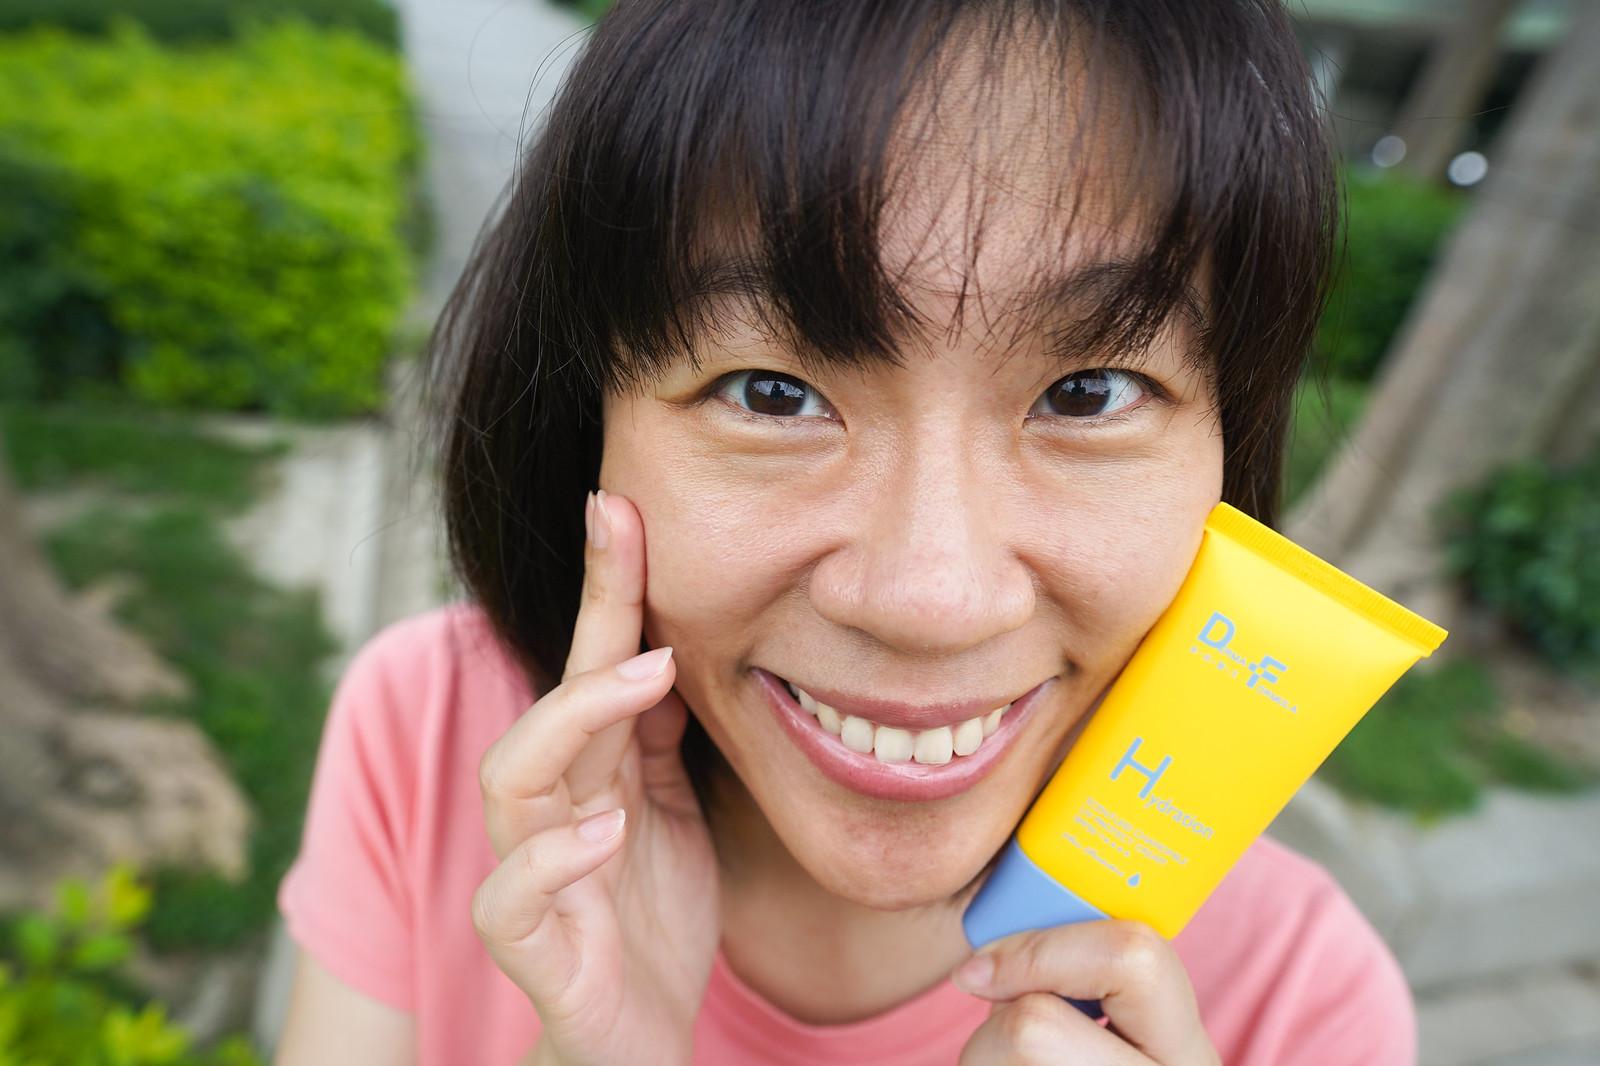 DF美肌醫生 白夏菊超修護防曬乳 使用好舒服